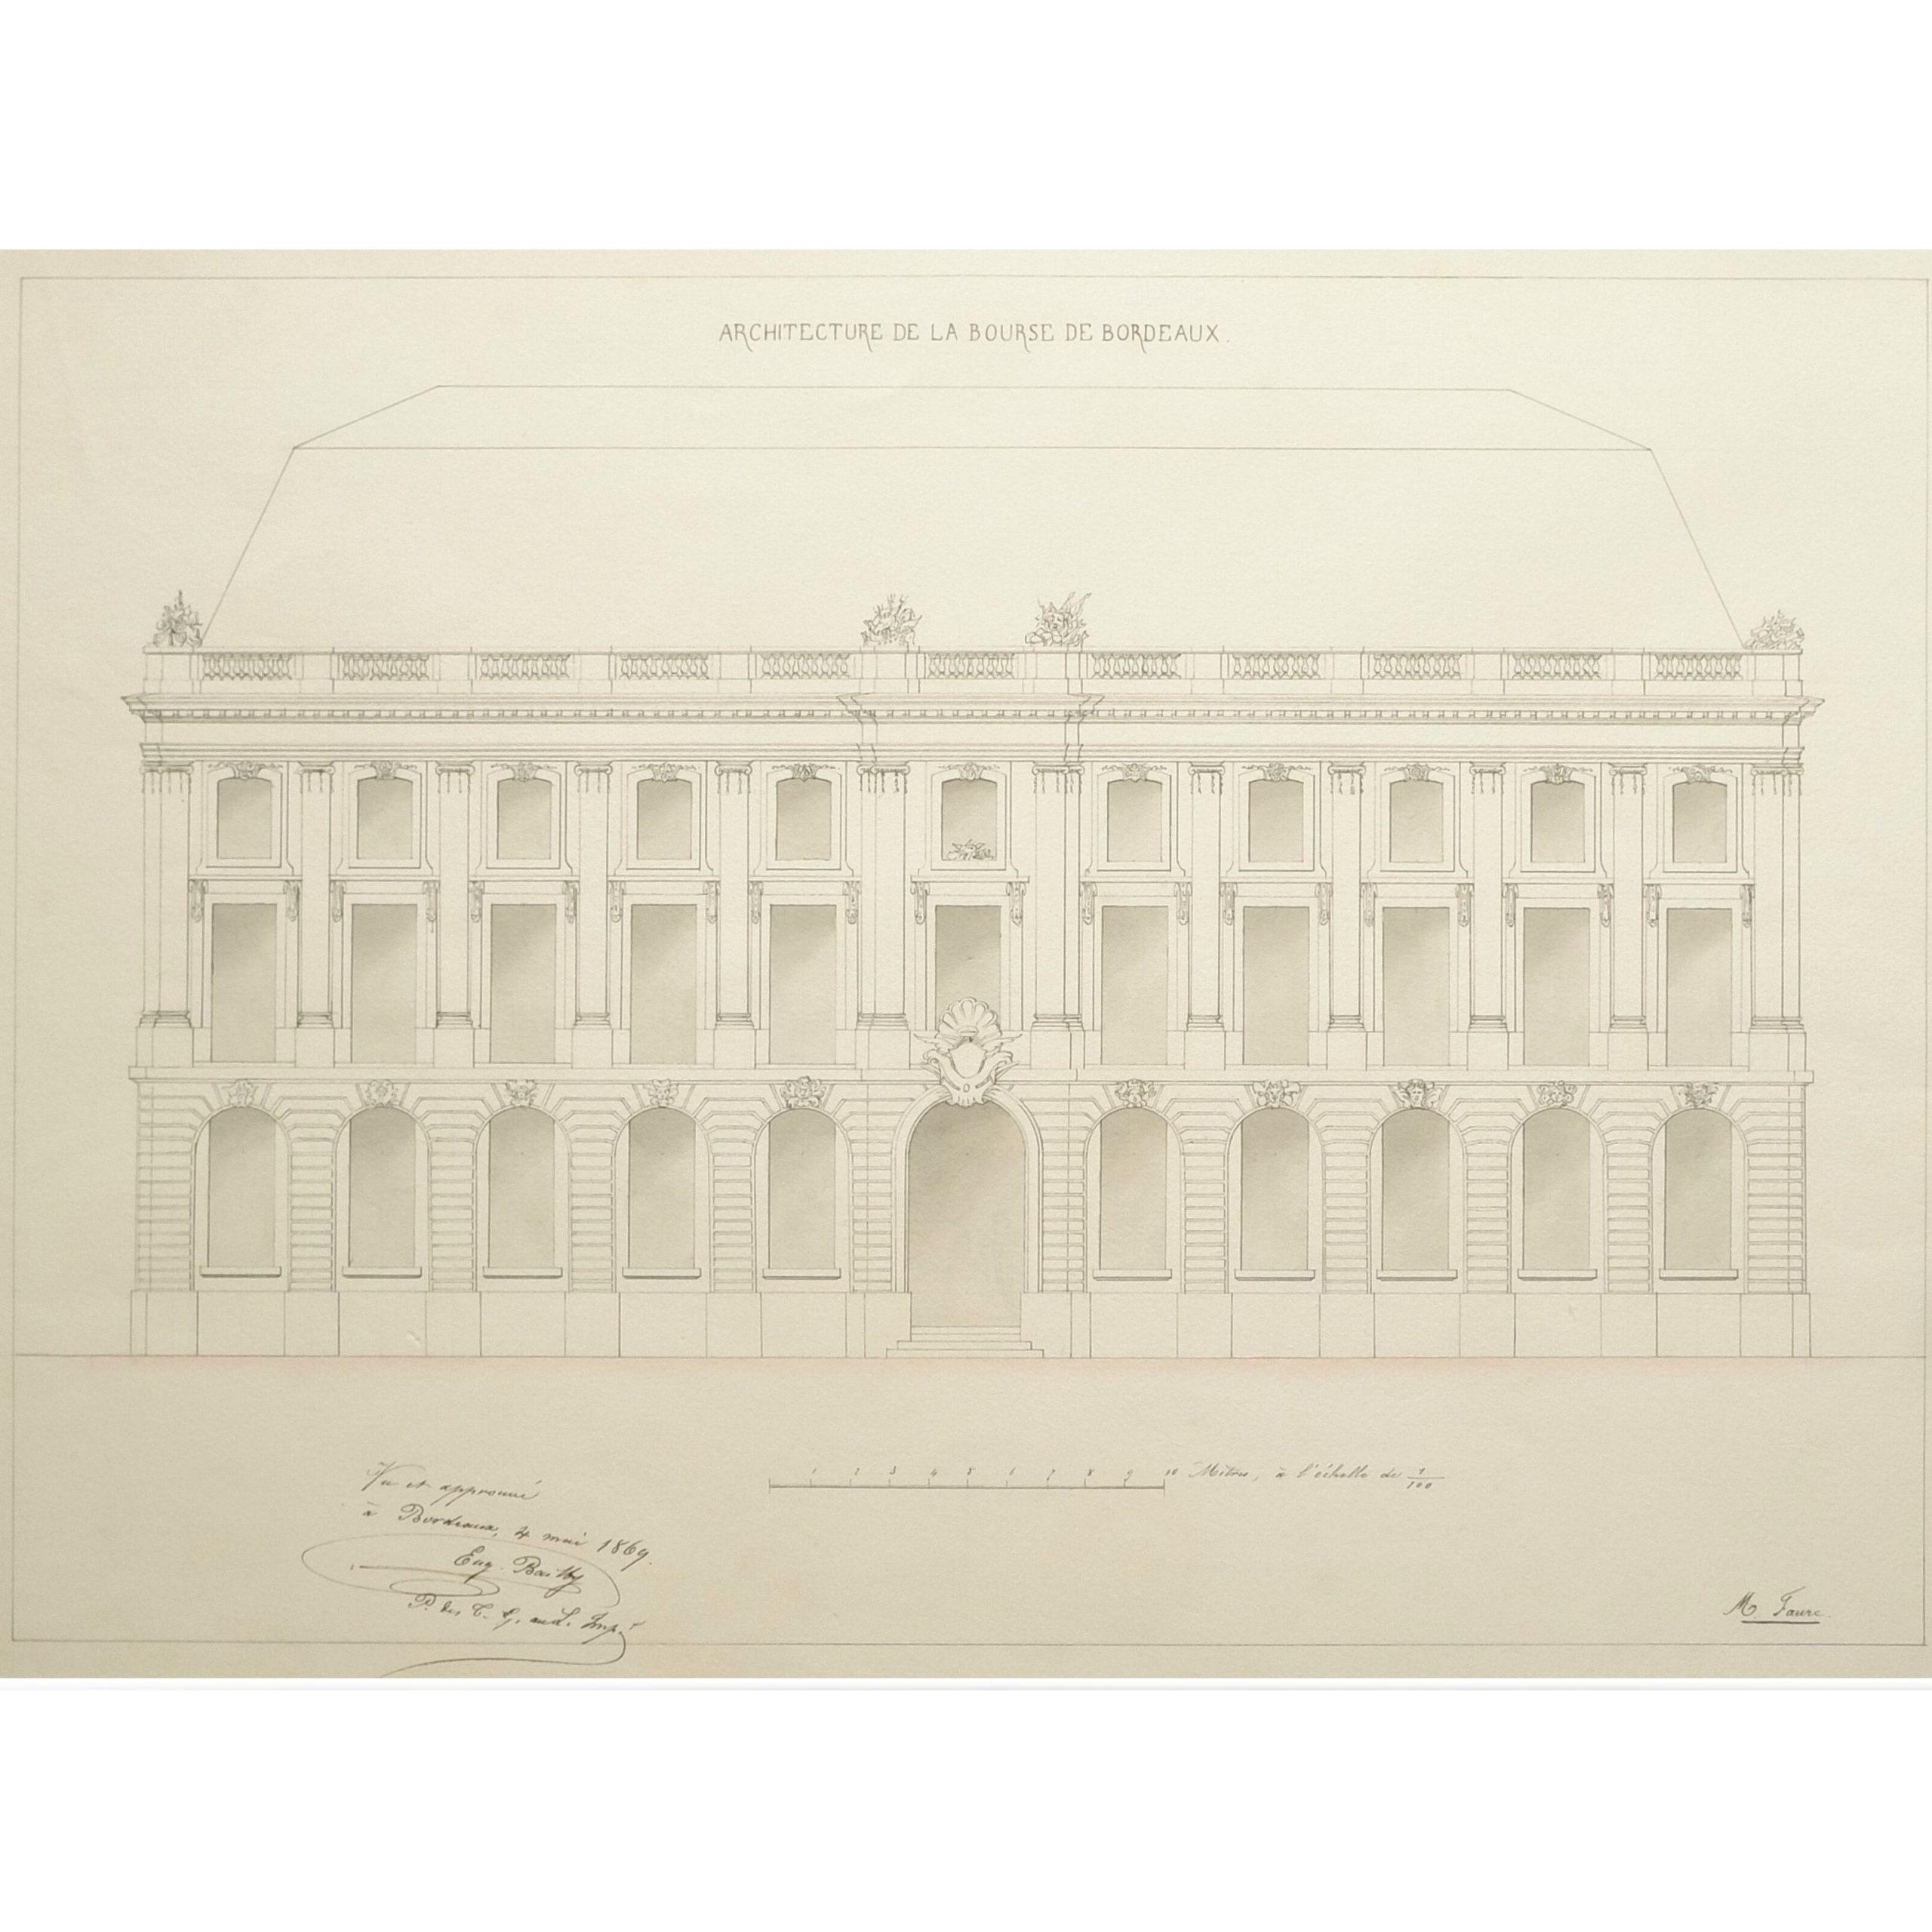 Palais de la bourse à Bordeaux